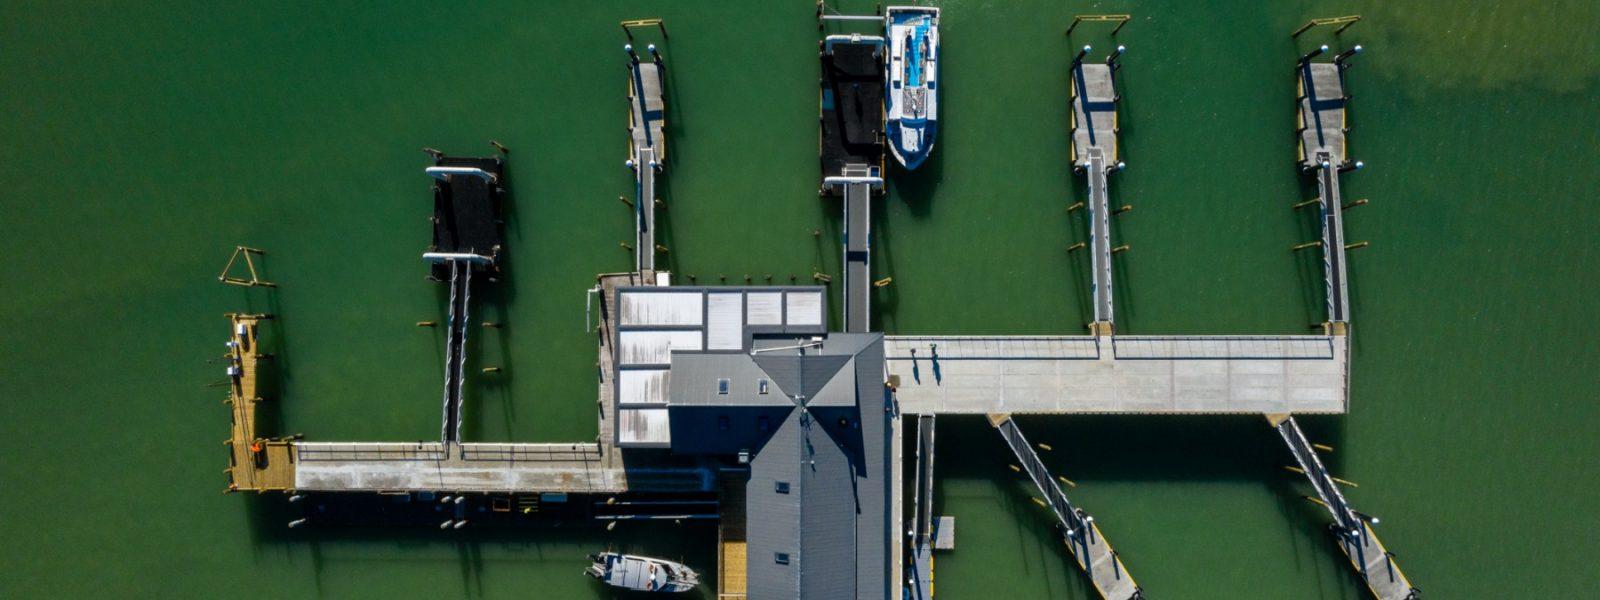 Paihia Wharf - Header Image